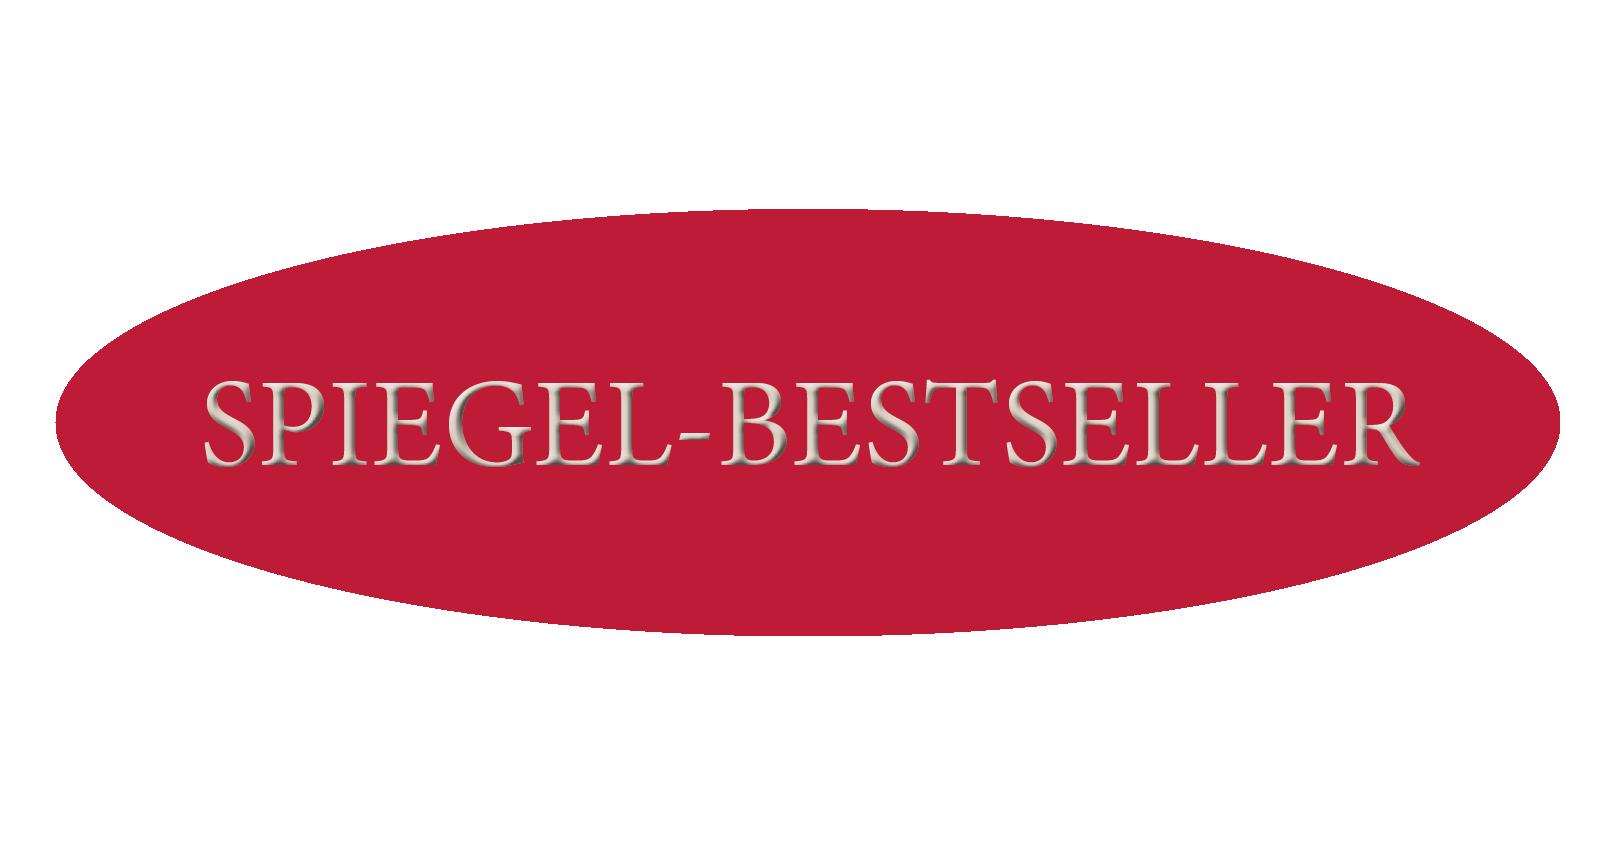 Spiegel Bestseller Banner